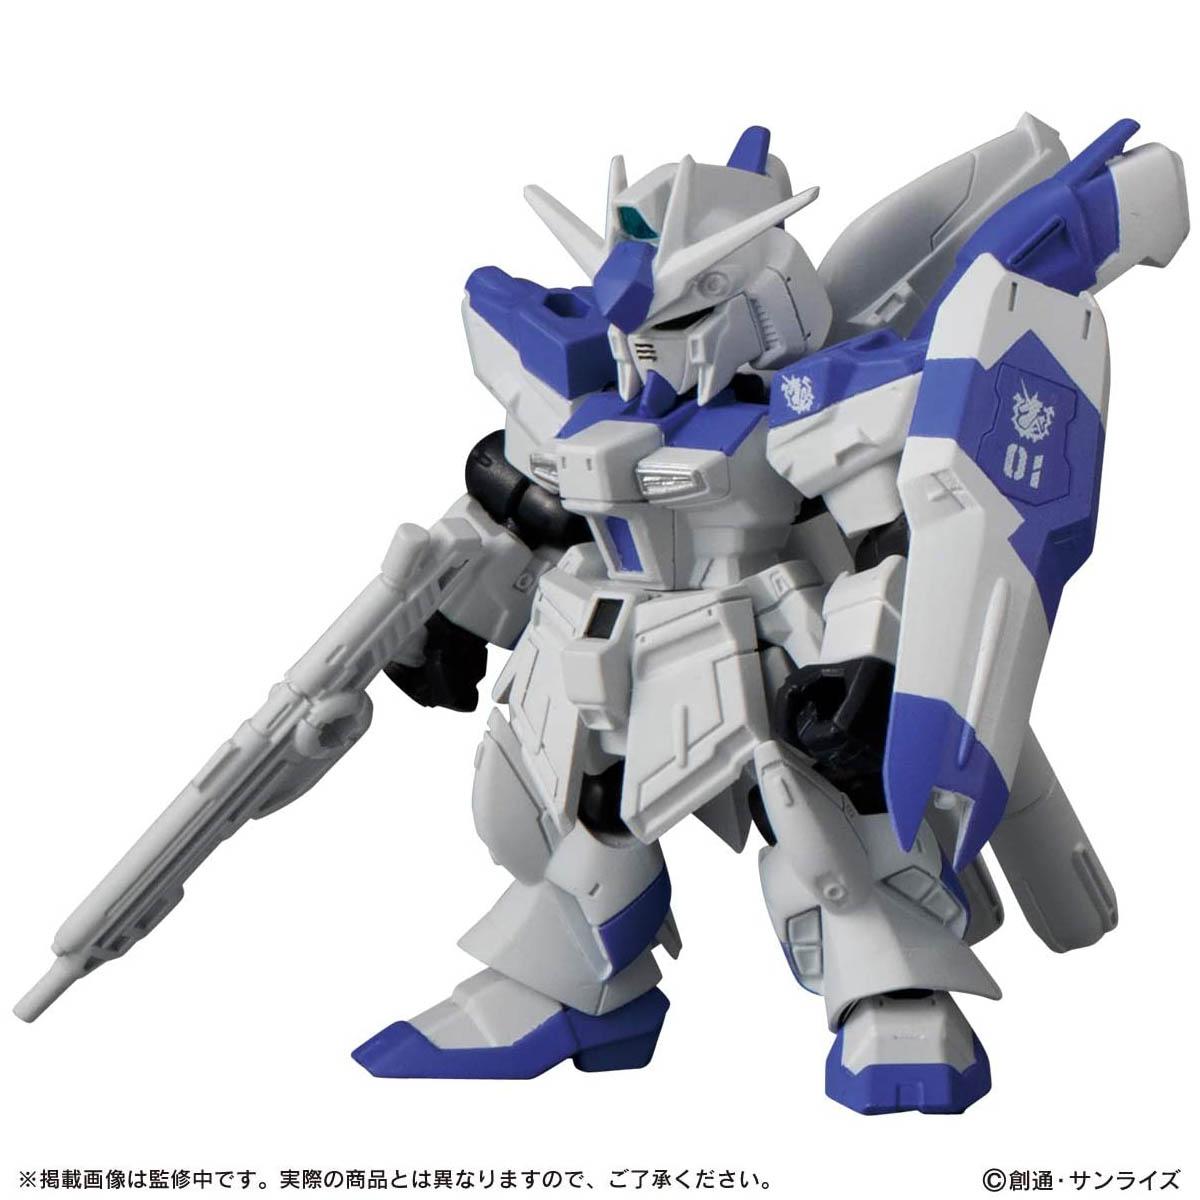 機動戦士ガンダム『MOBILE SUIT ENSEMBLE16』デフォルメ可動フィギュア 10個入りBOX-001